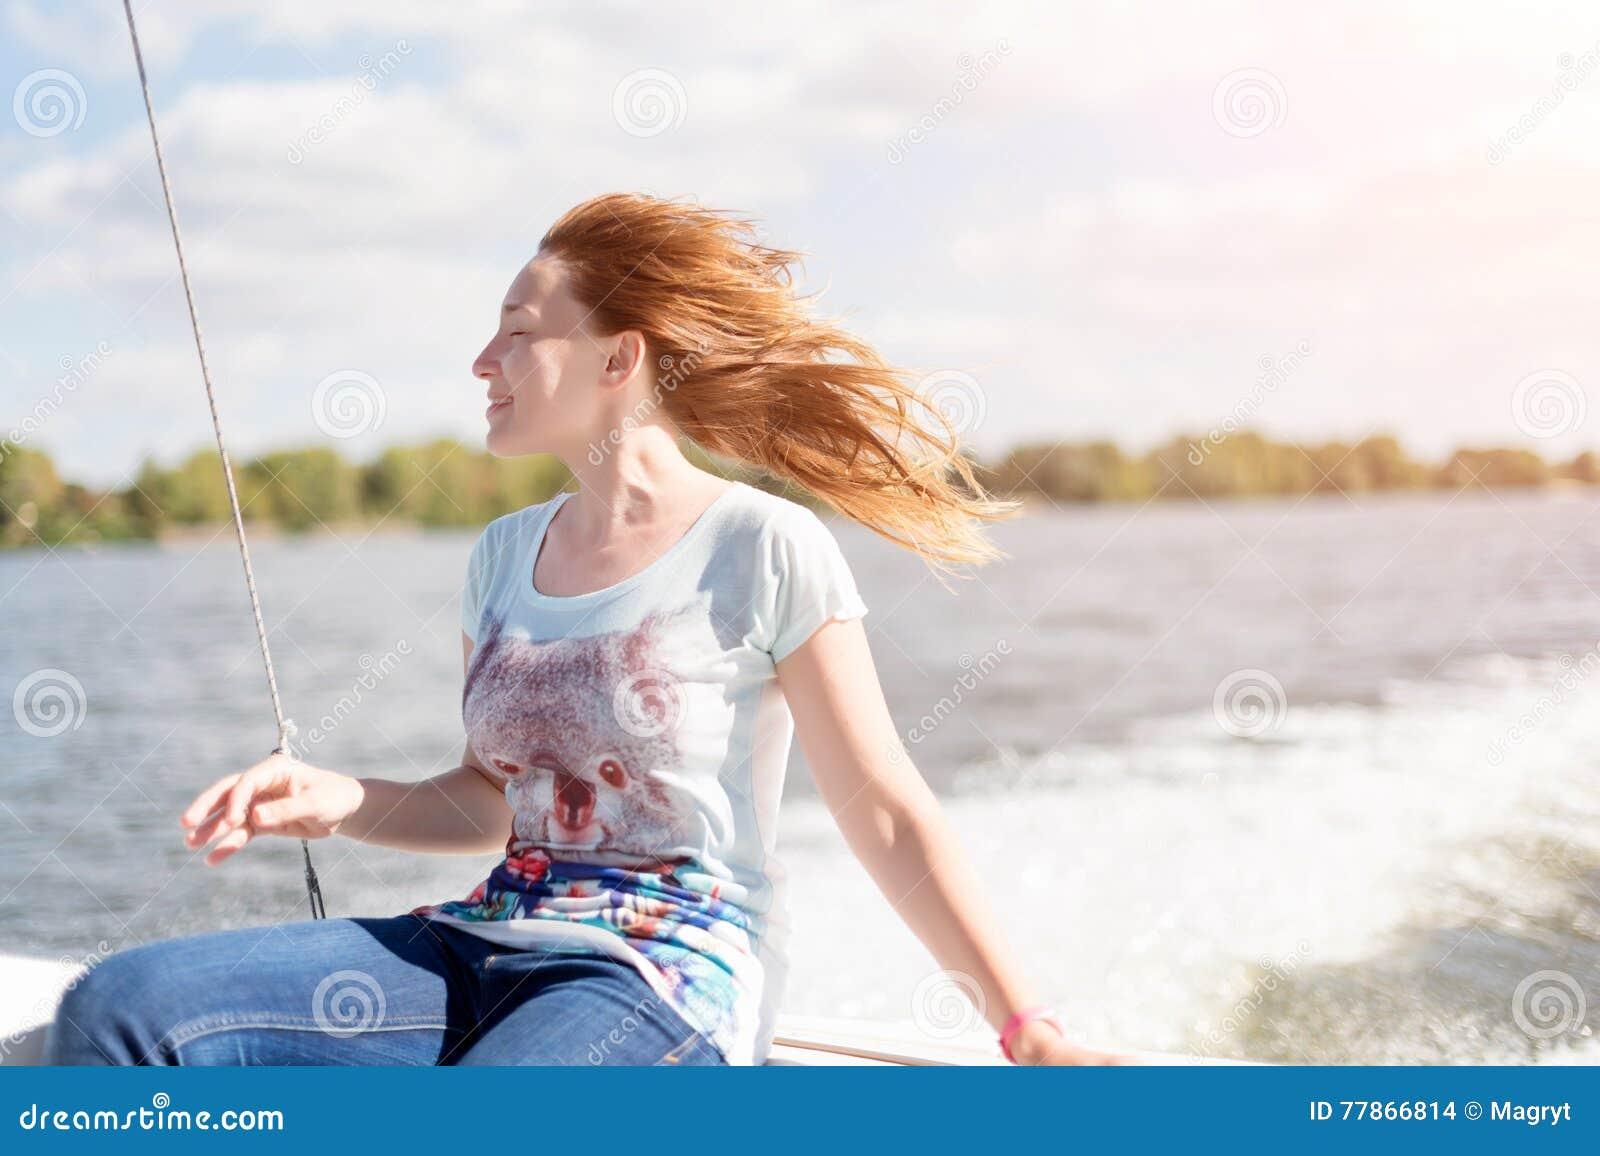 有乐趣的闭合的眼睛的轻松的少妇坐风船,享受温和的阳光、海或者河巡航,暑假